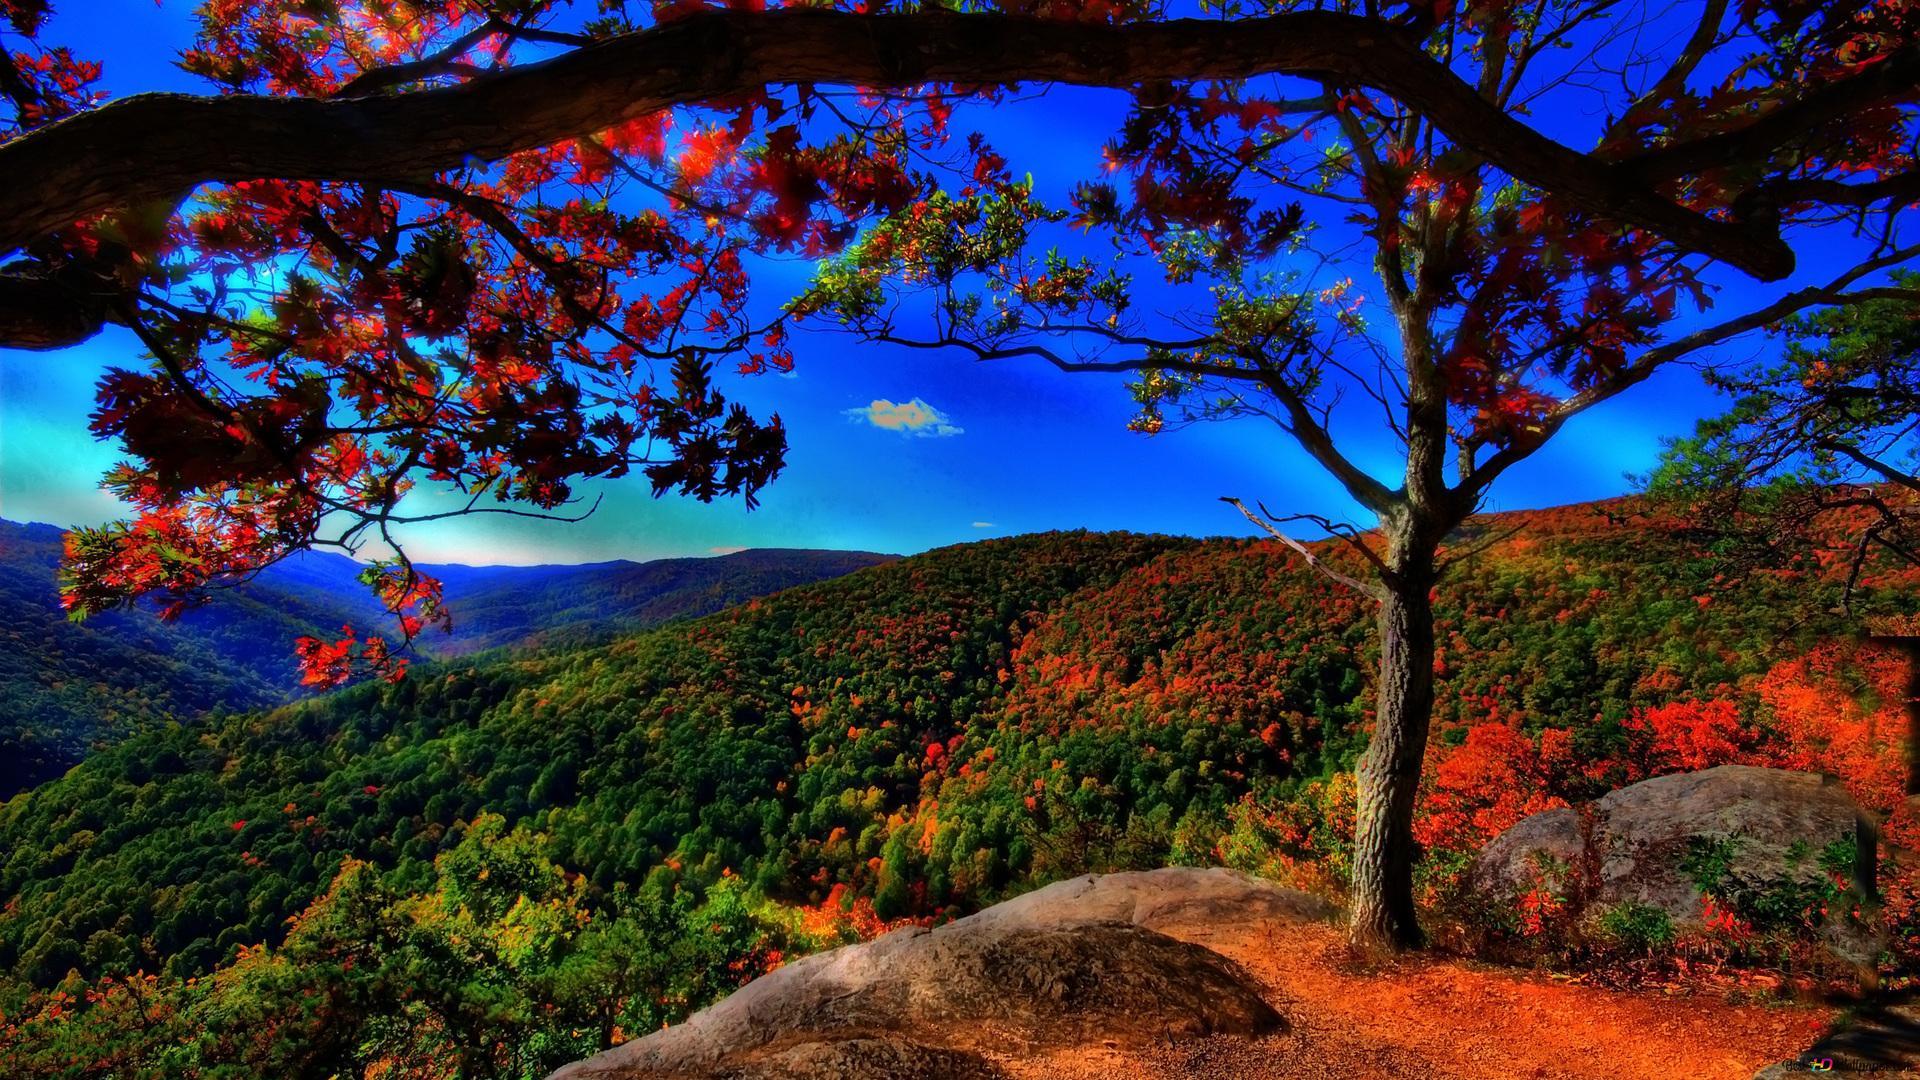 秋の風景 Hd壁紙のダウンロード